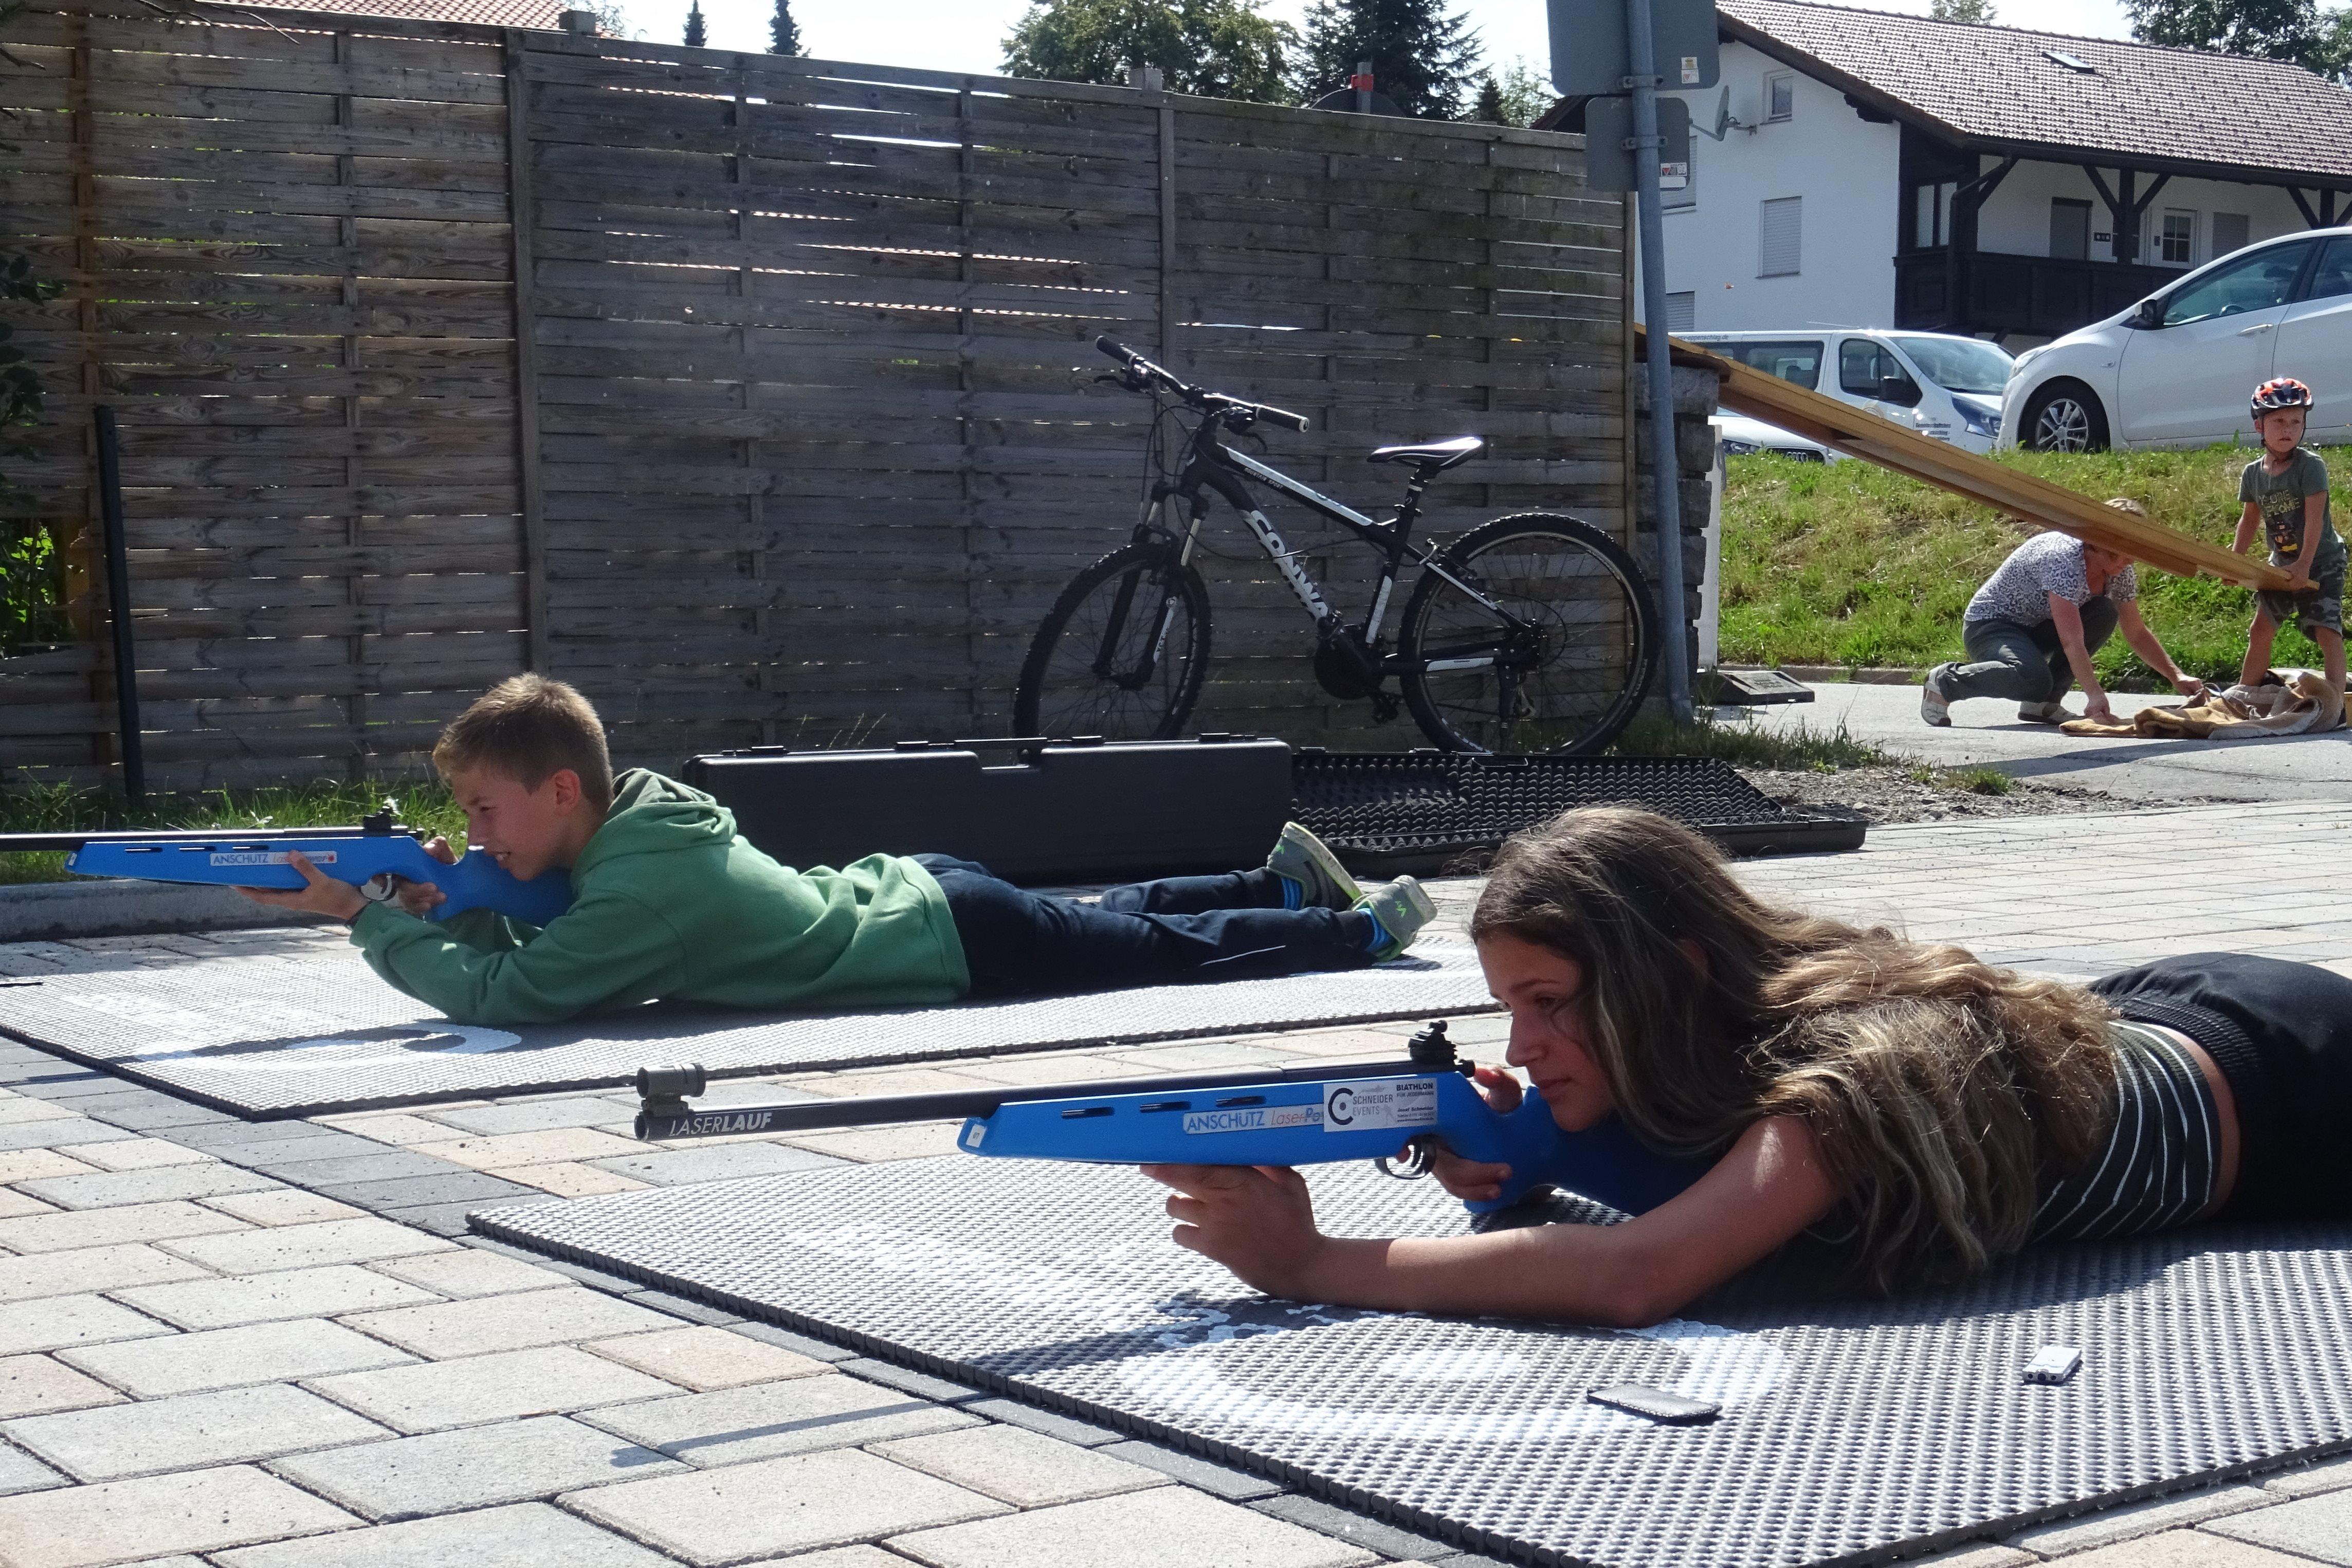 Die Biathlonanlage war heiß begehrt